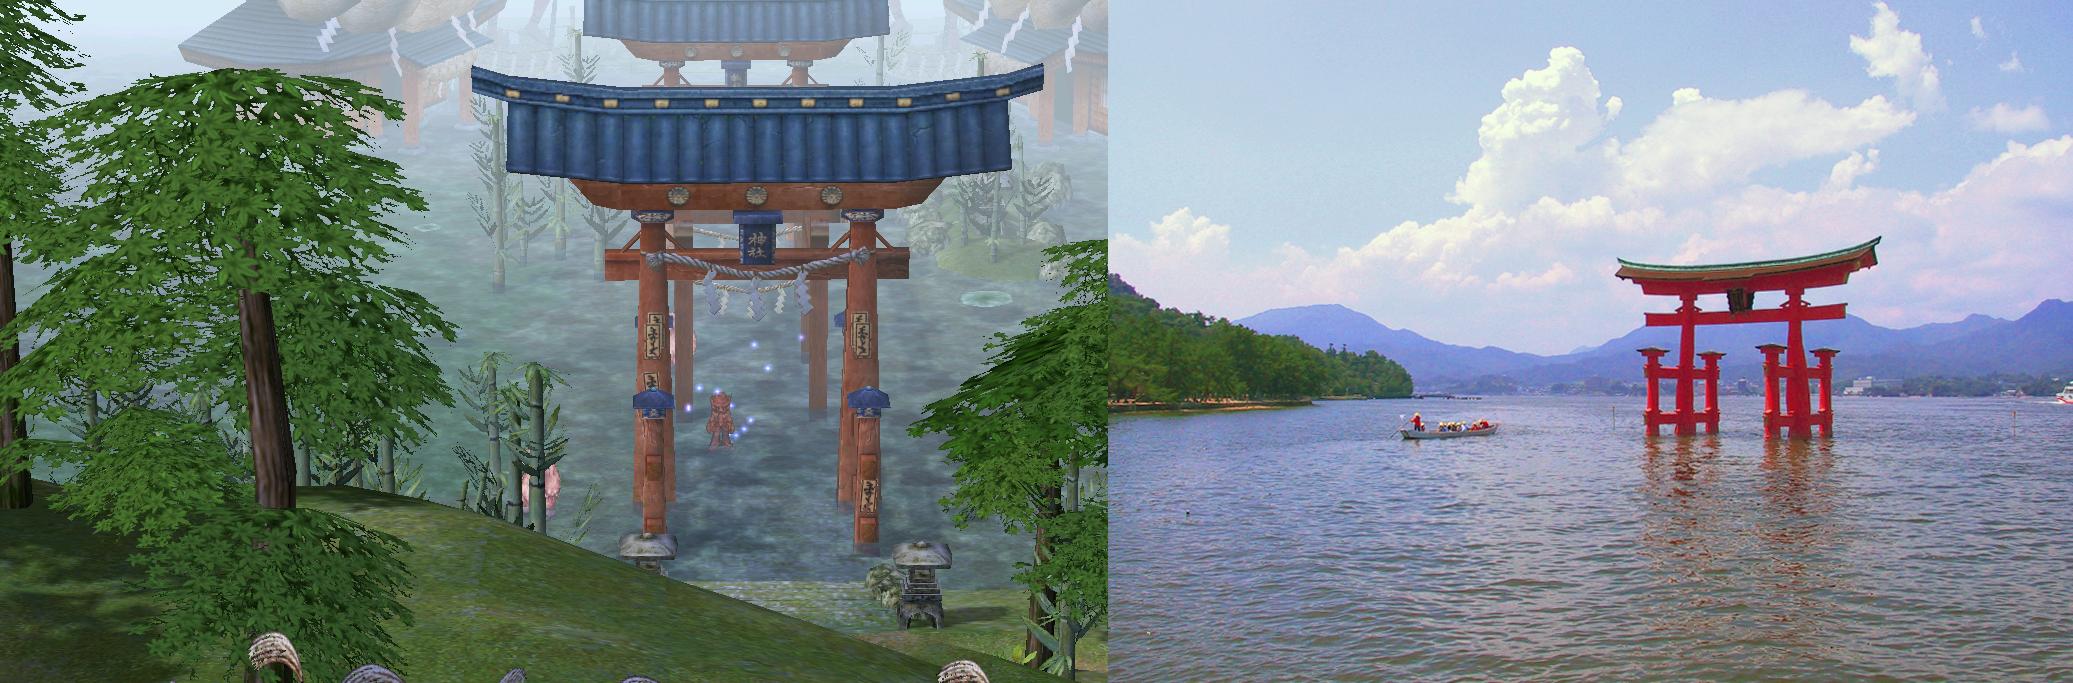 amatsu_torii___itsukushima_torii_by_xuan